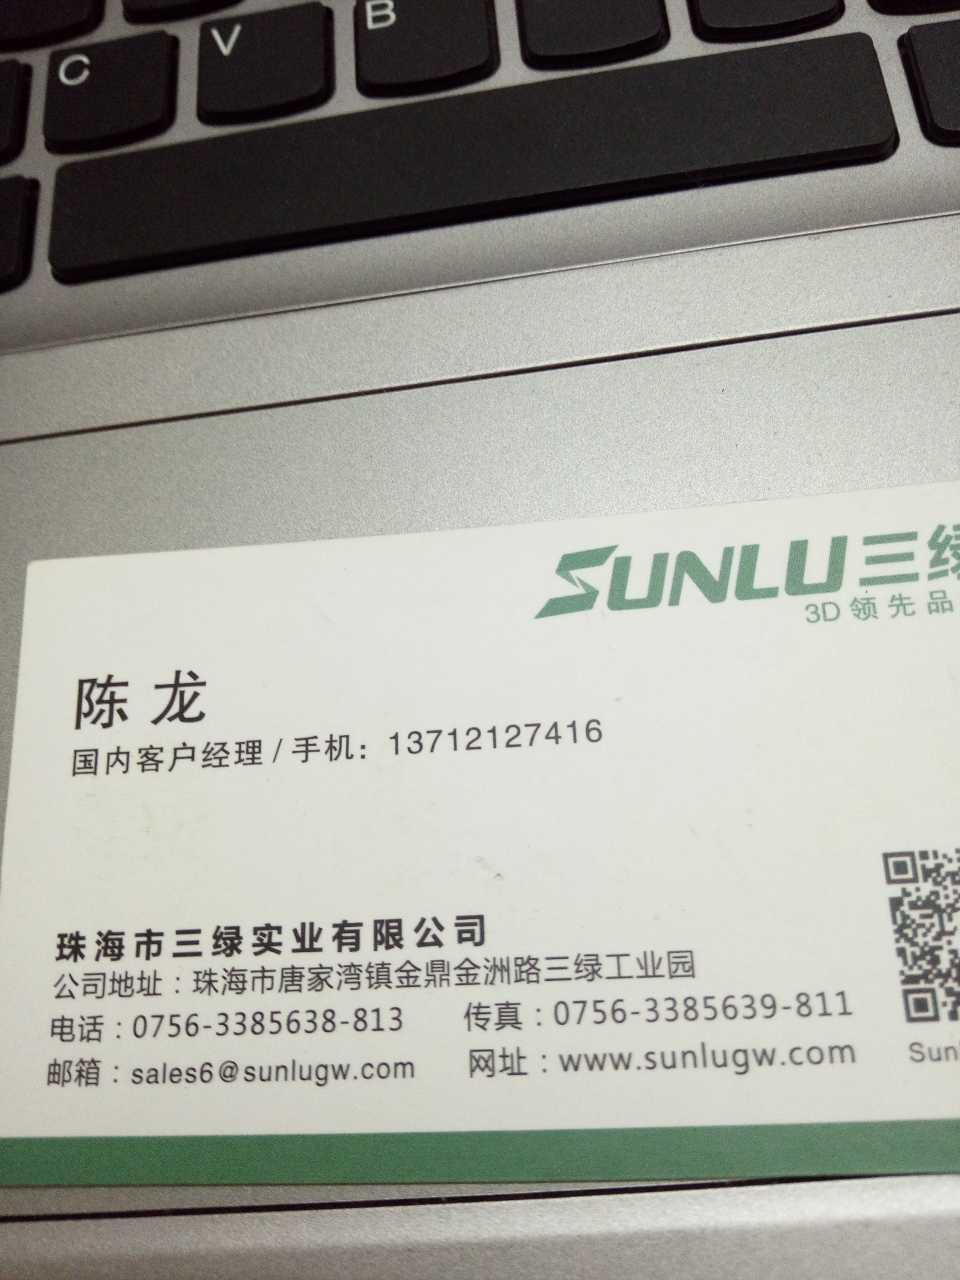 来自陈龙发布的供应信息:生产销售3d产品。... - 珠海市三绿实业有限公司